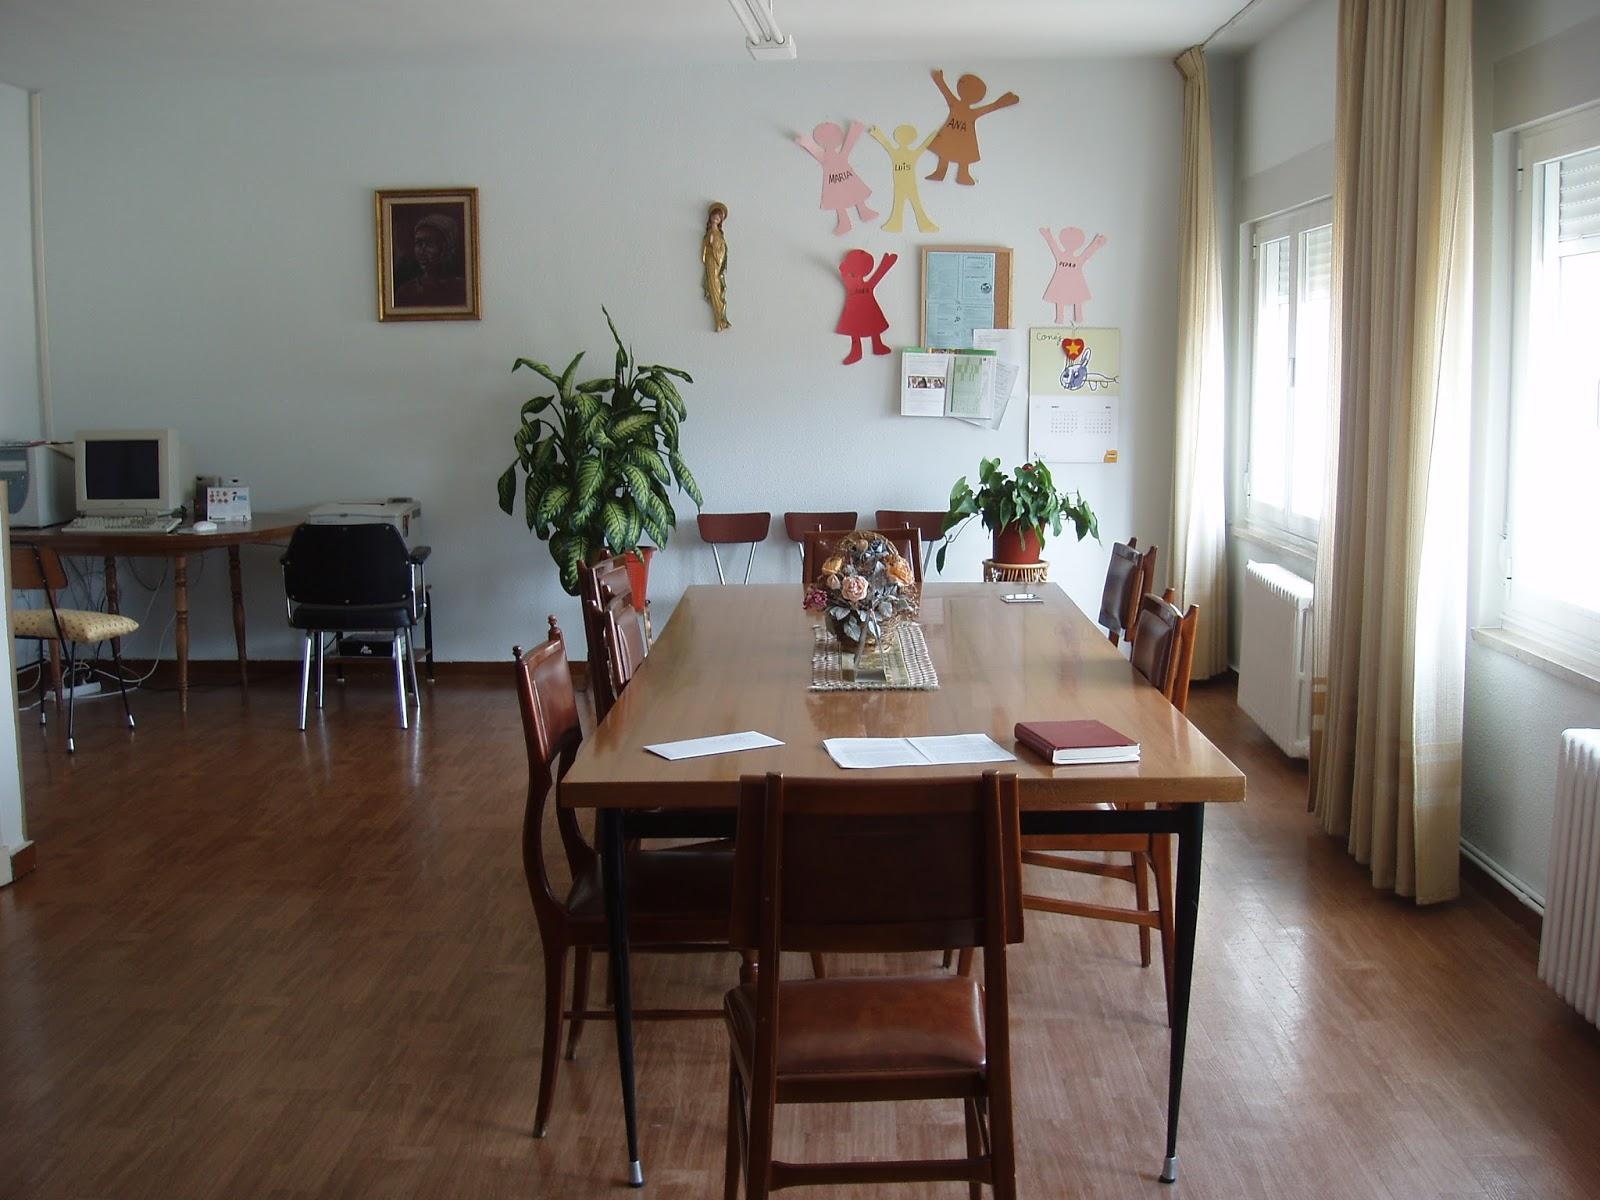 Centro infantil virgen de las candelas instalaciones for Sala de reuniones